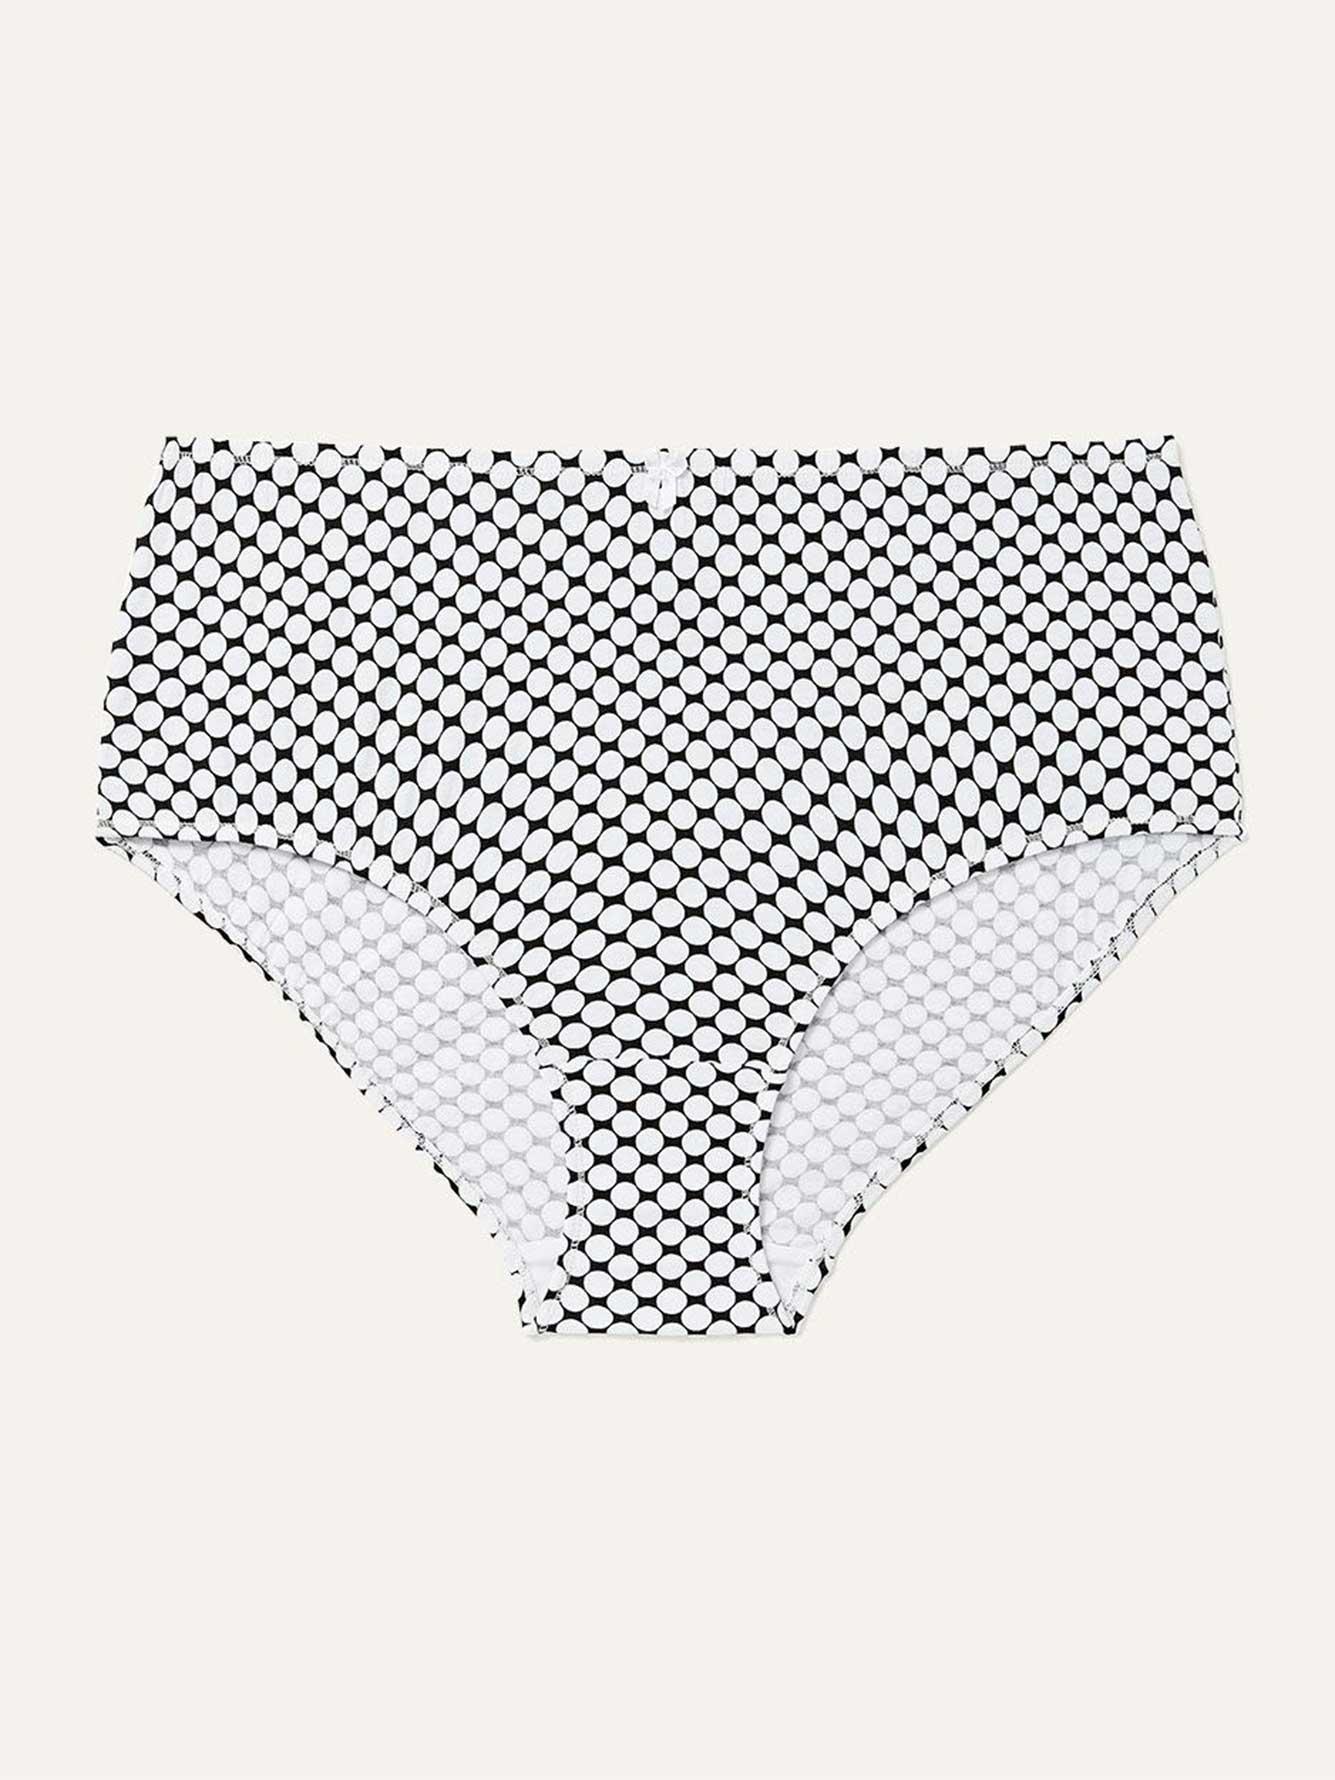 475c87195f7d7 Printed Cotton Brief Panty - ti Voglio